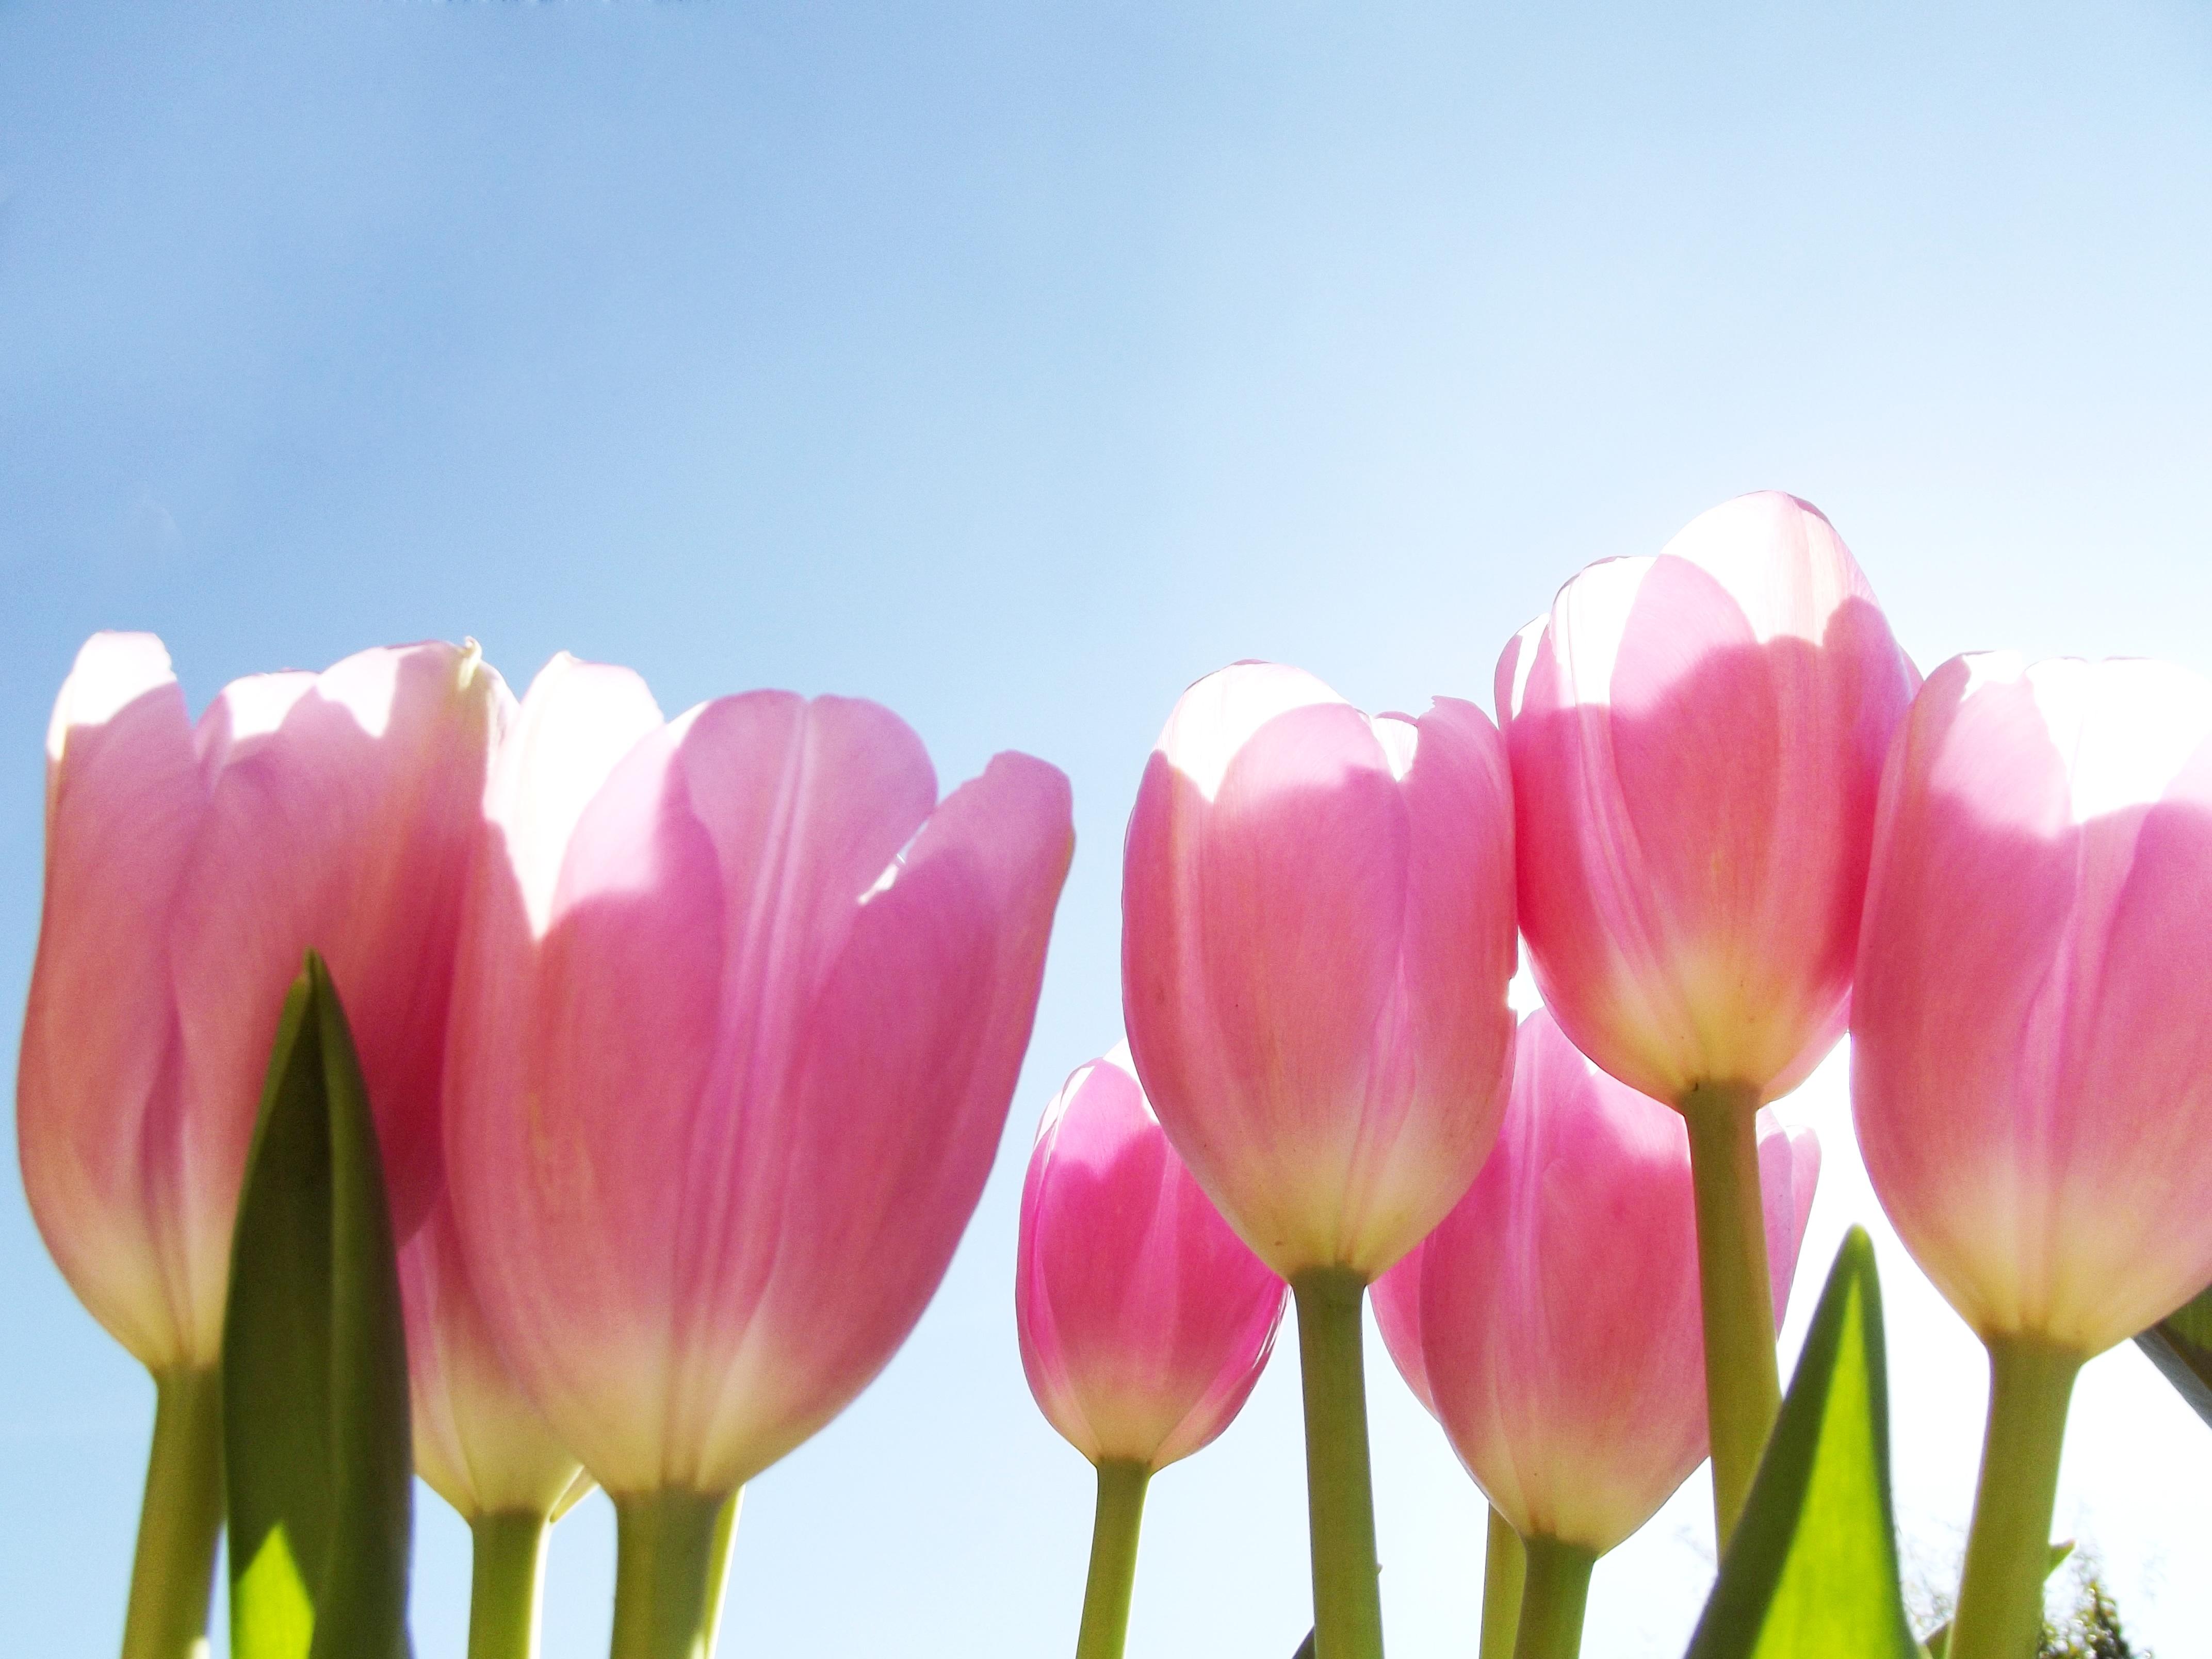 Free Images : nature, blossom, sky, flower, petal, bloom, summer ...